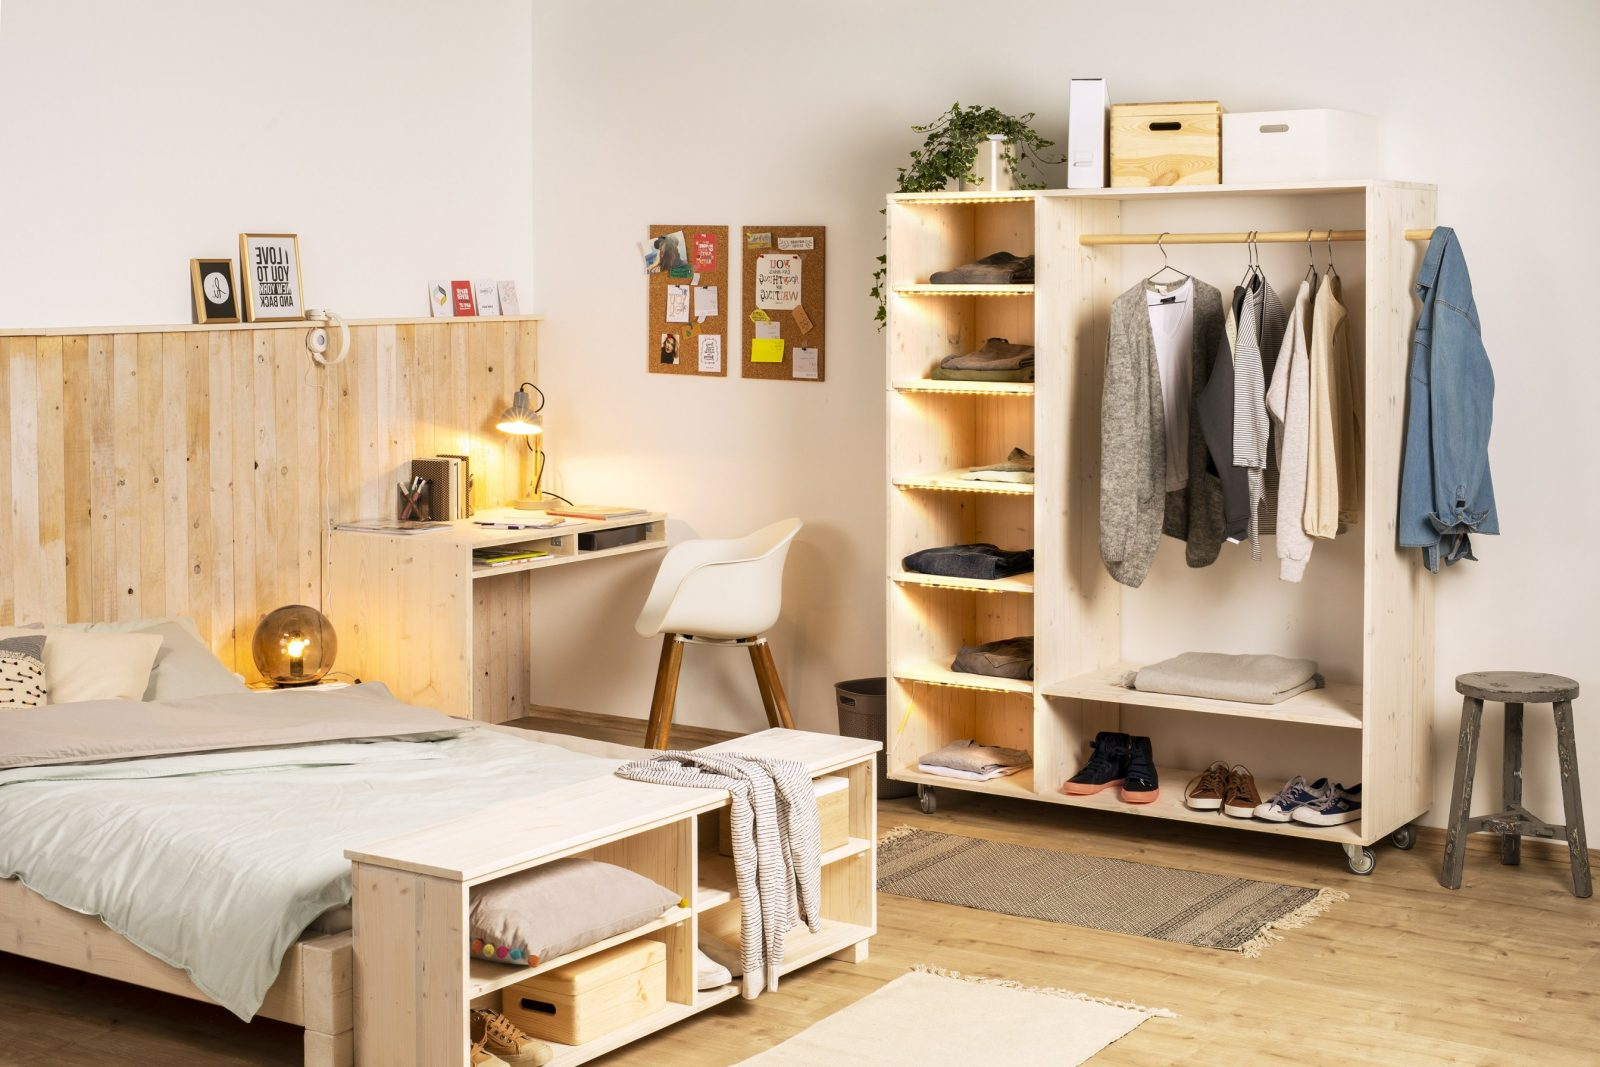 Offenen Schrank Selber Bauen – Tipps Zur Planung  Obi von Begehbarer Kleiderschrank Selber Bauen Kosten Bild